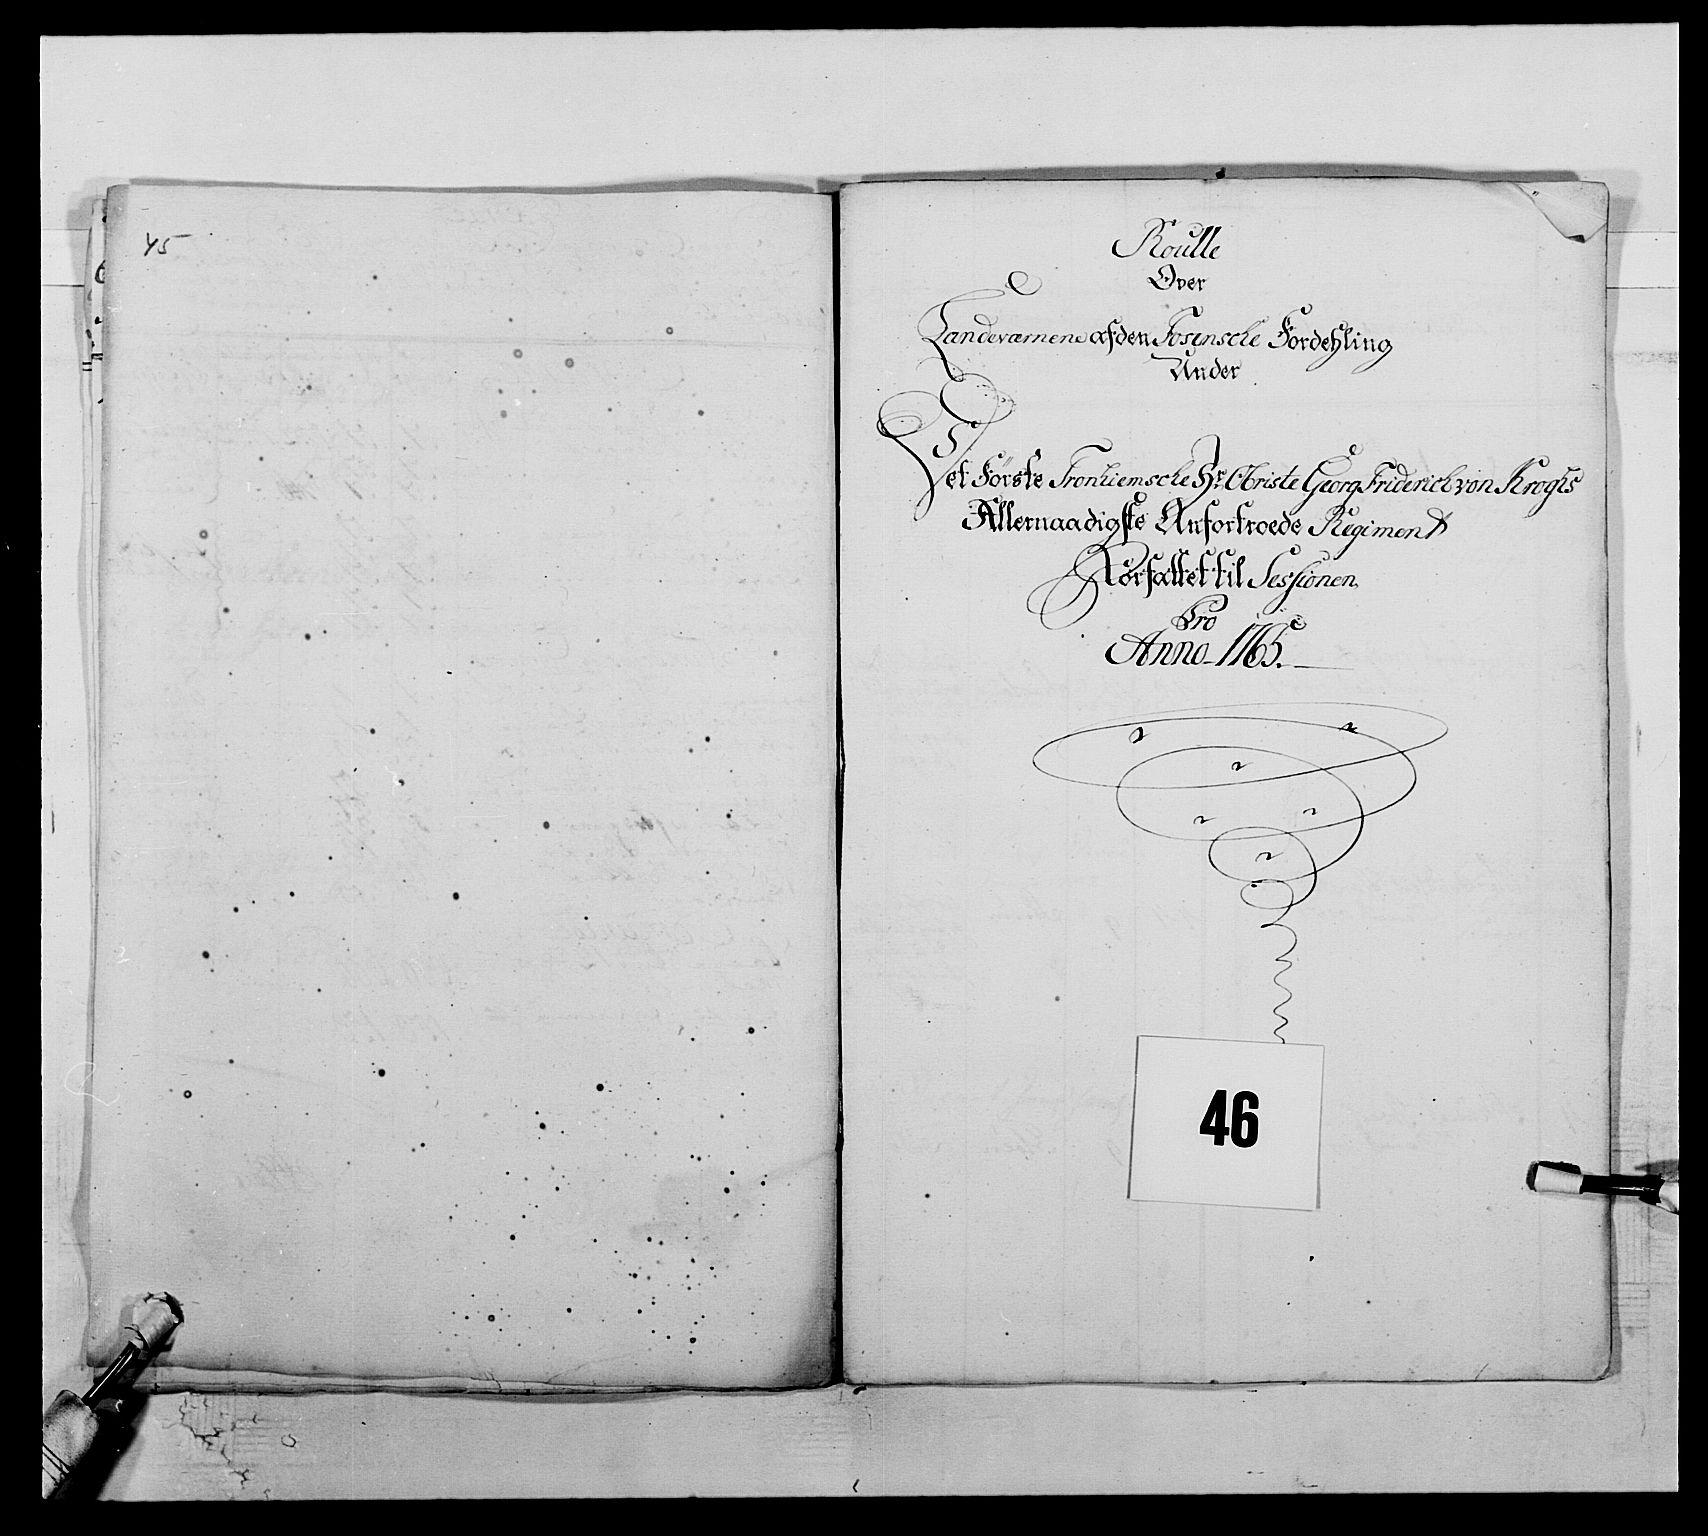 RA, Kommanderende general (KG I) med Det norske krigsdirektorium, E/Ea/L0510: 1. Trondheimske regiment, 1756-1765, s. 565